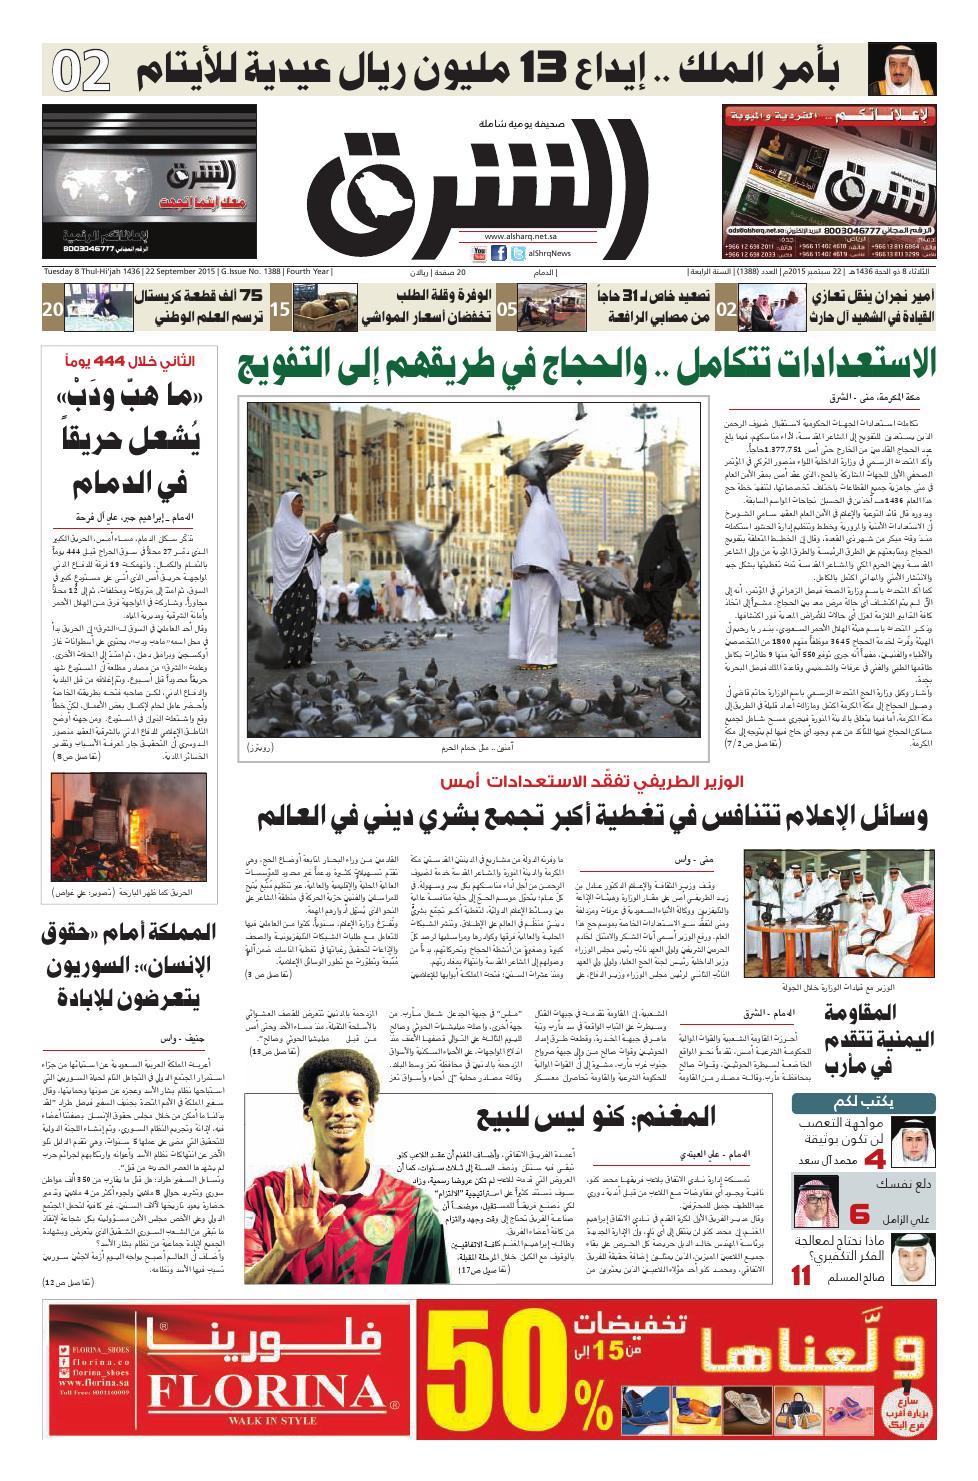 fc8a3cb33 صحيفة الشرق - العدد 1388 - نسخة الدمام by صحيفة الشرق السعودية - issuu